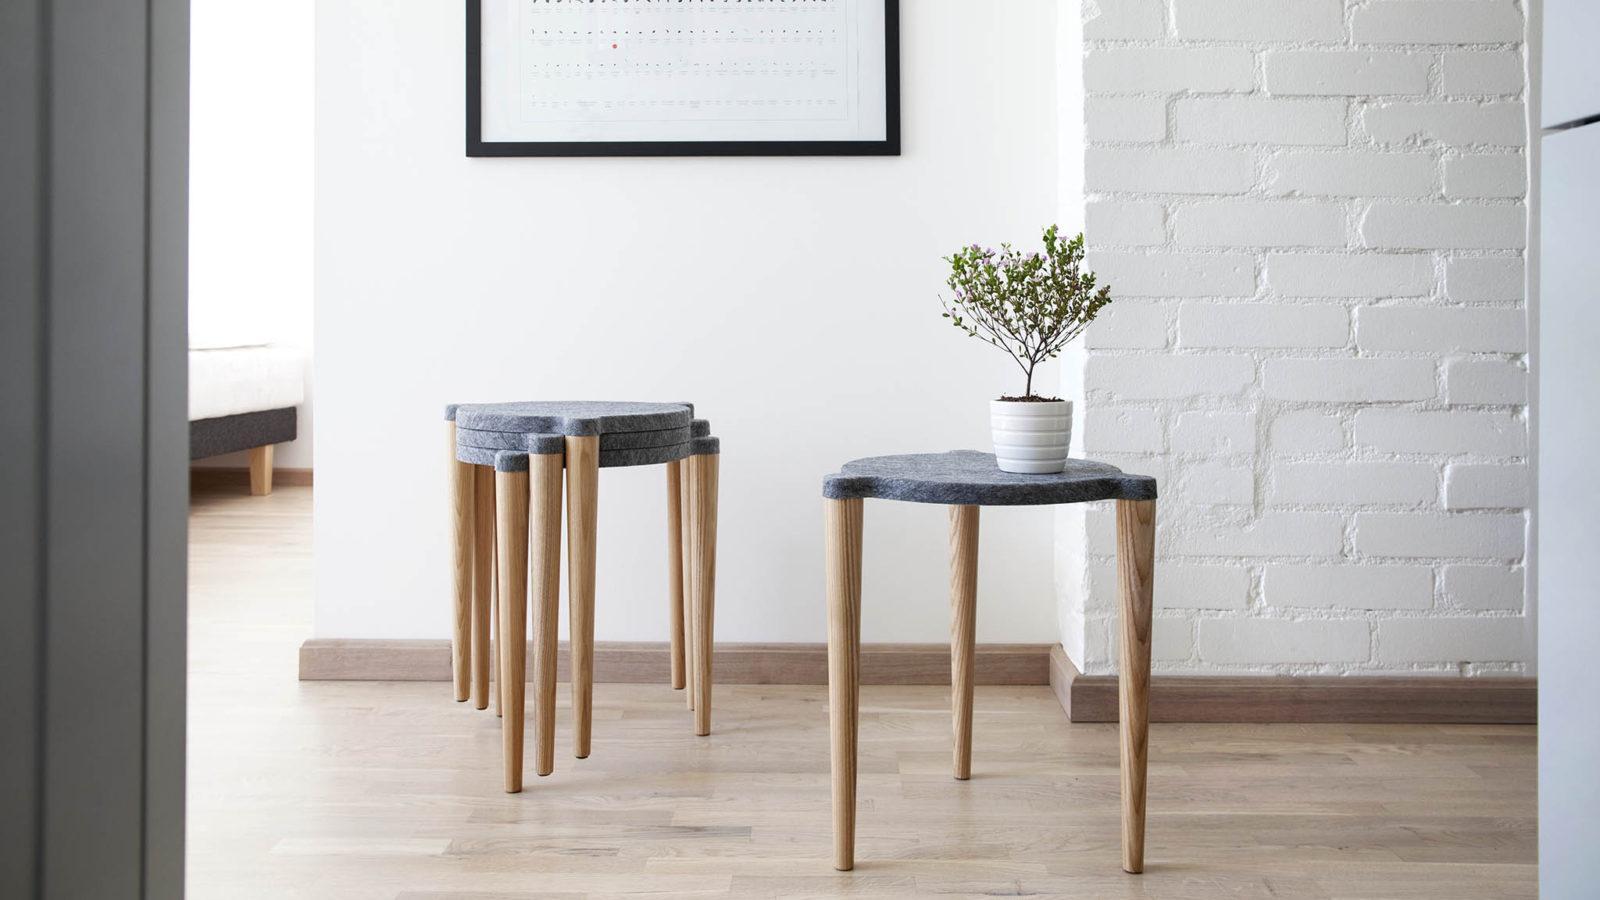 DOT_stool_INT_1_169